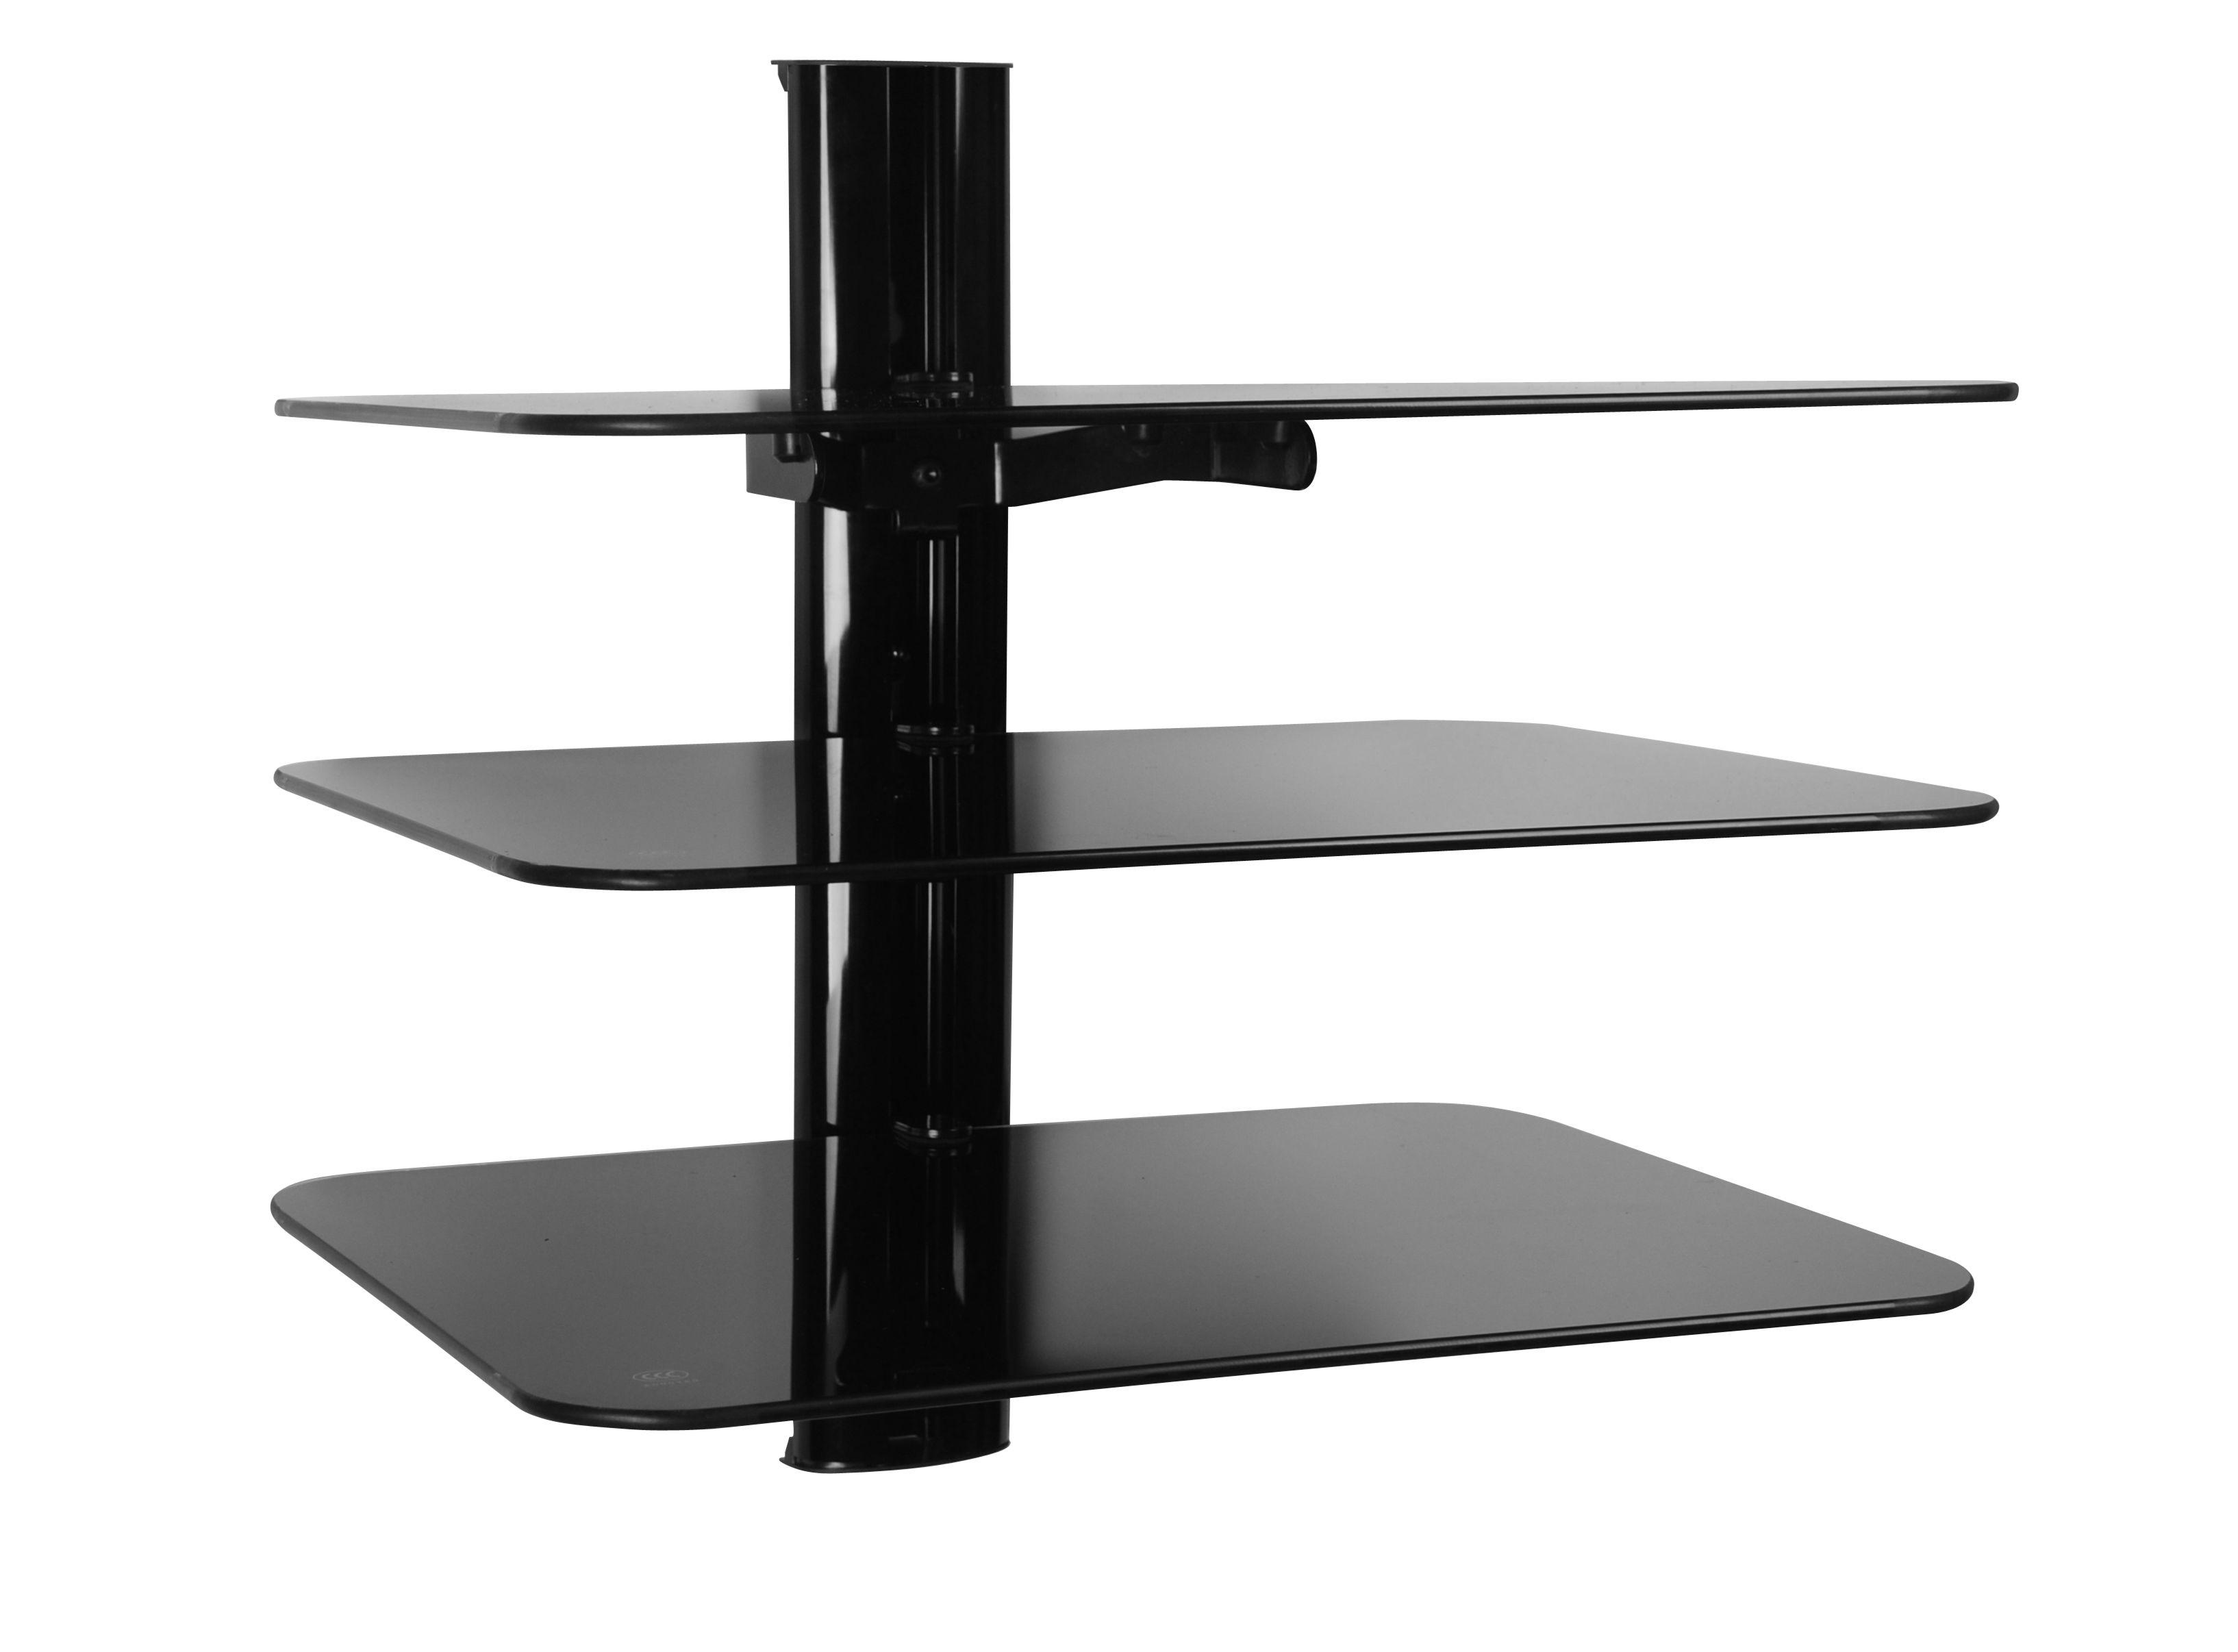 Triple Glass Av Shelving System For Black Glass Floating Shelves (View 10 of 12)